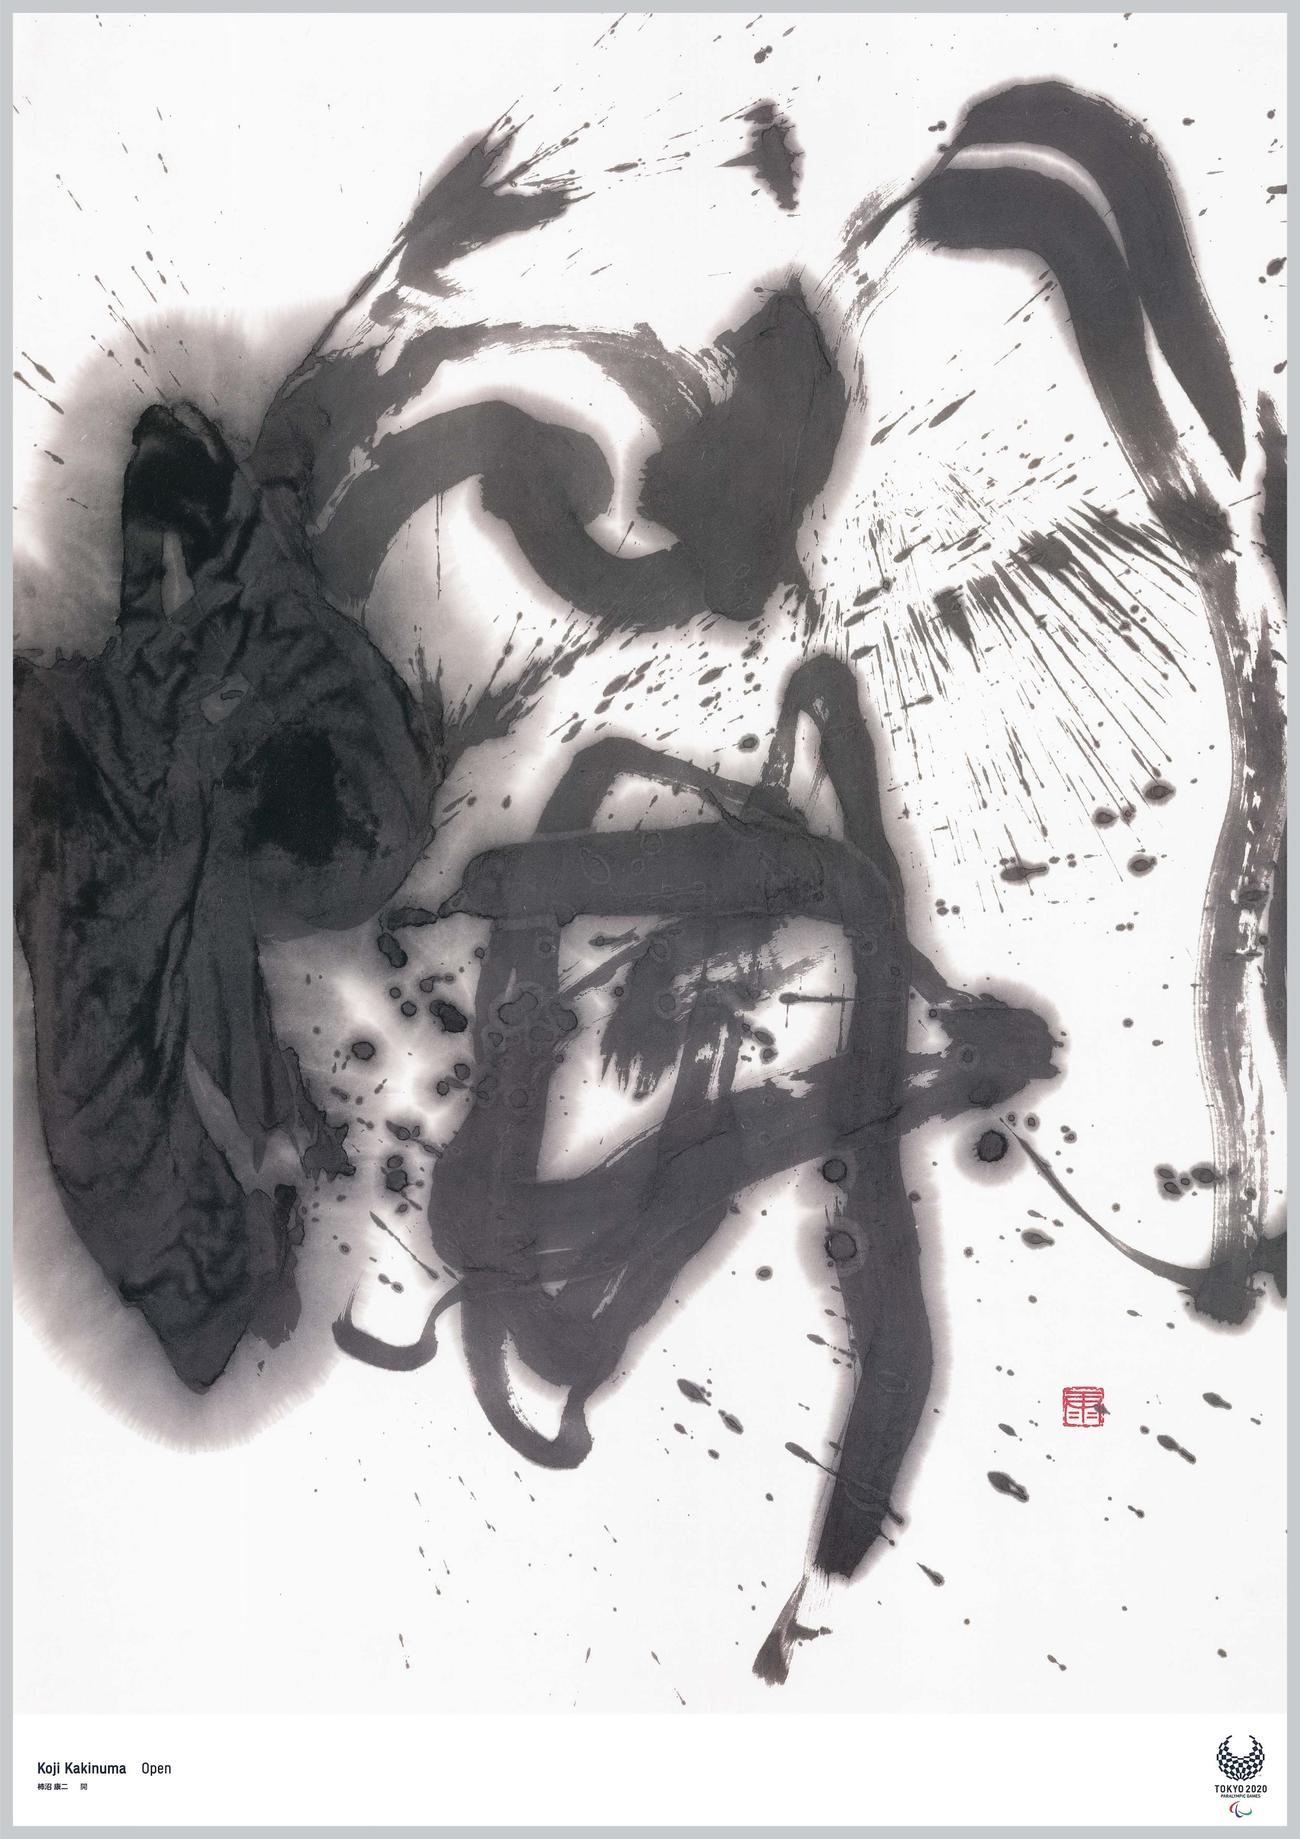 書家の柿沼康二氏が手掛けたパラリンピックをテーマにした作品「開」@Tokyo2020